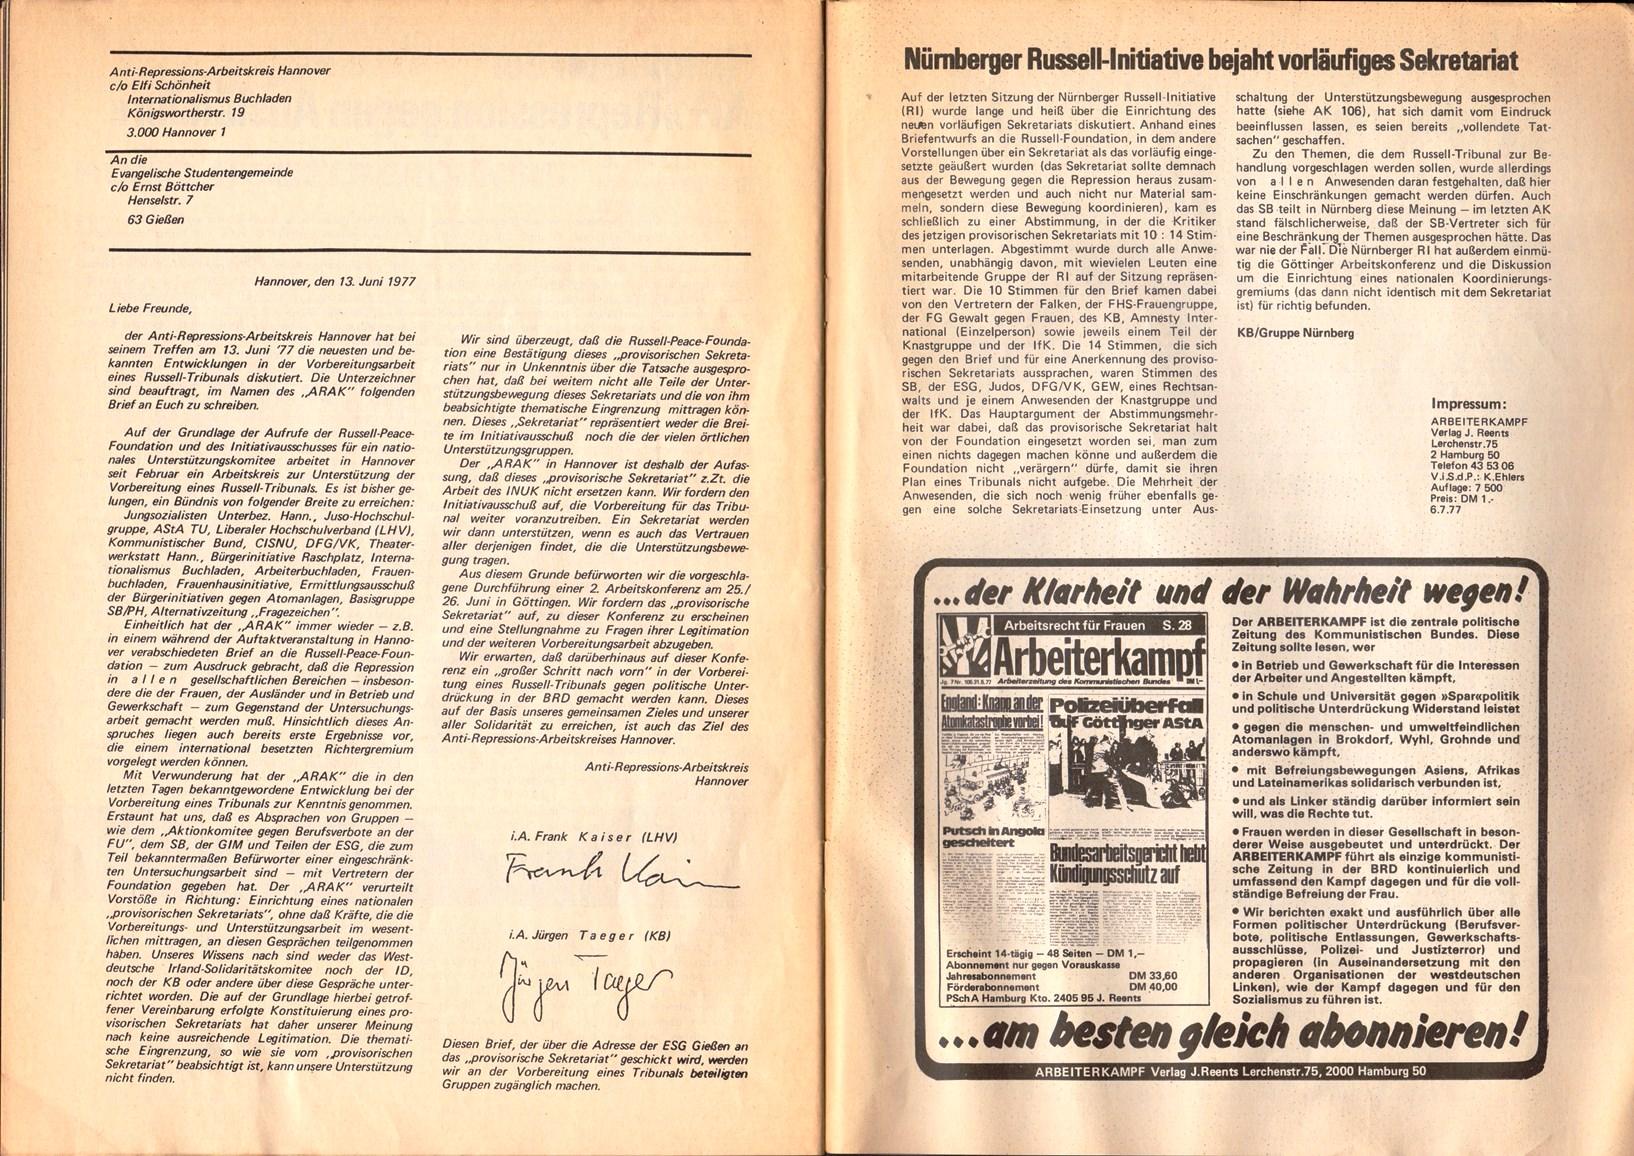 KB_Anti_Repressionsinfo_03_1977_16